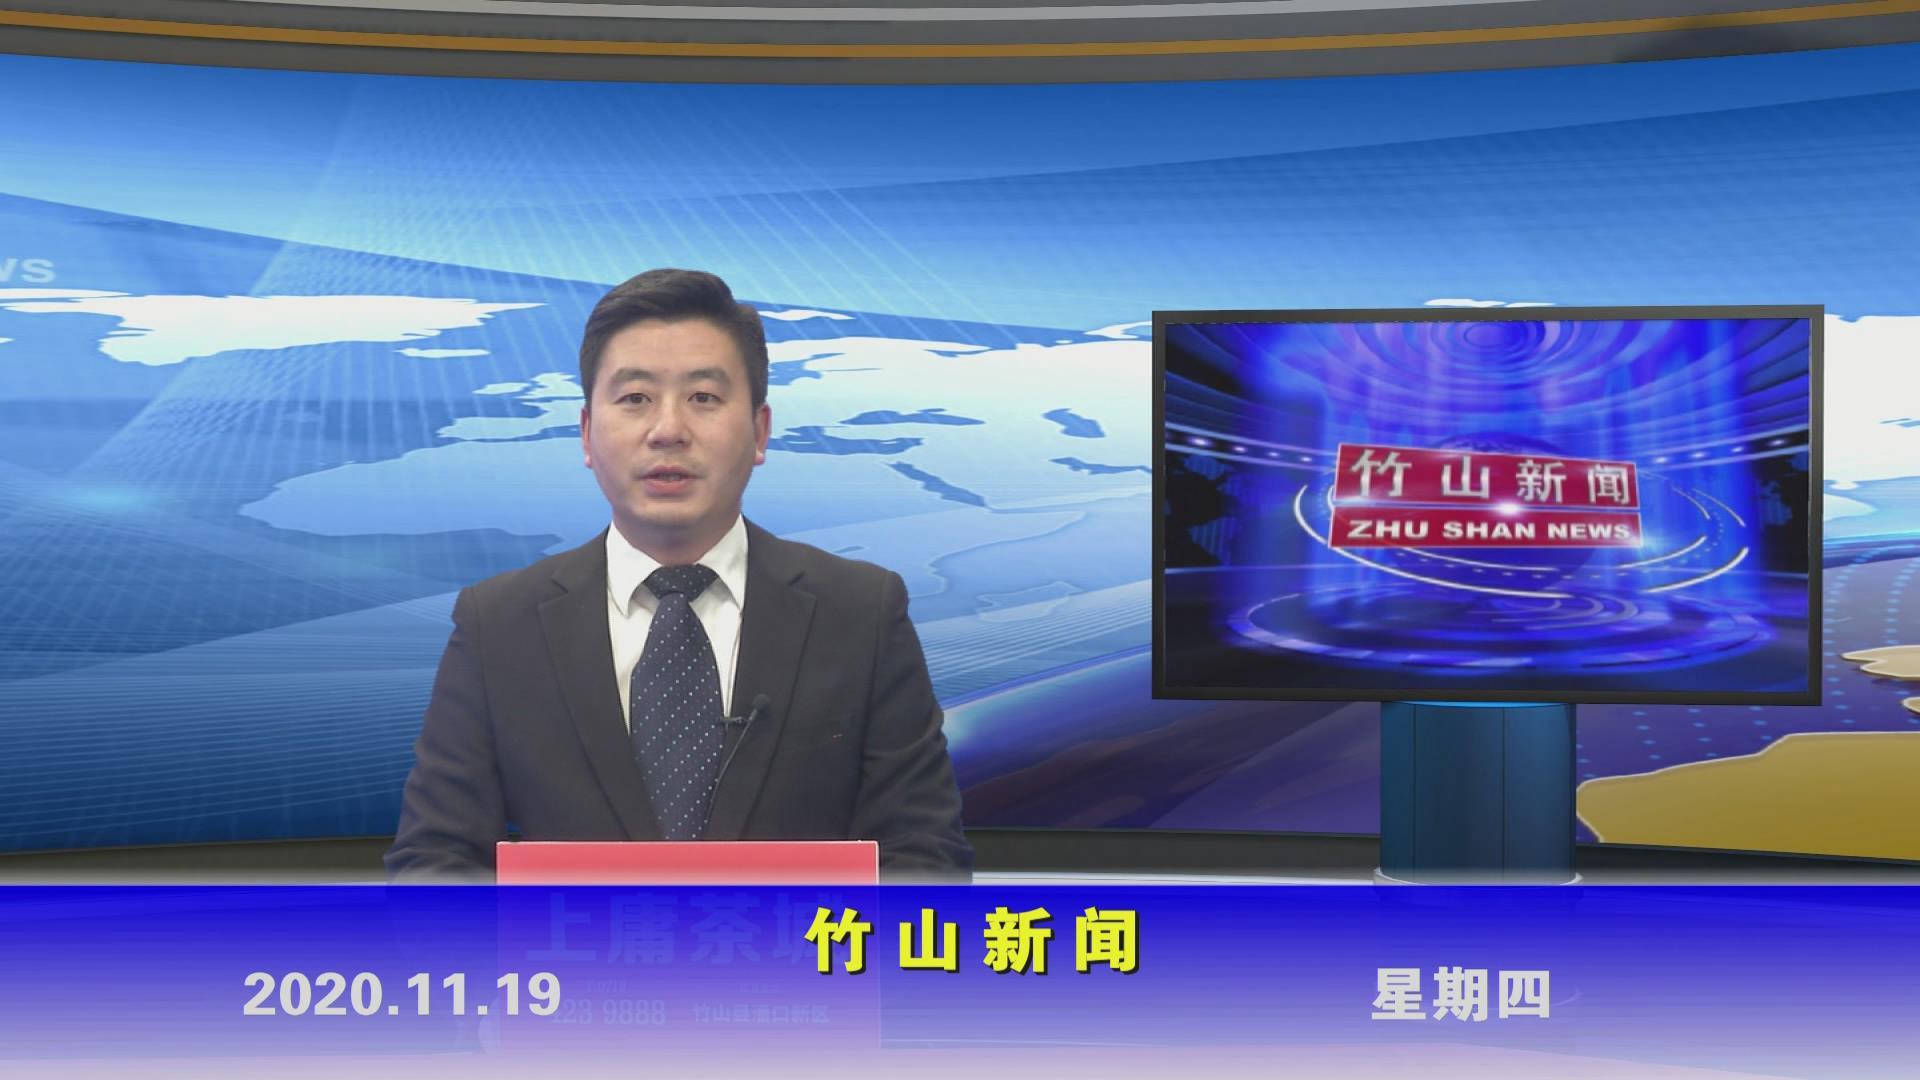 竹山新聞丨2020年11月19日